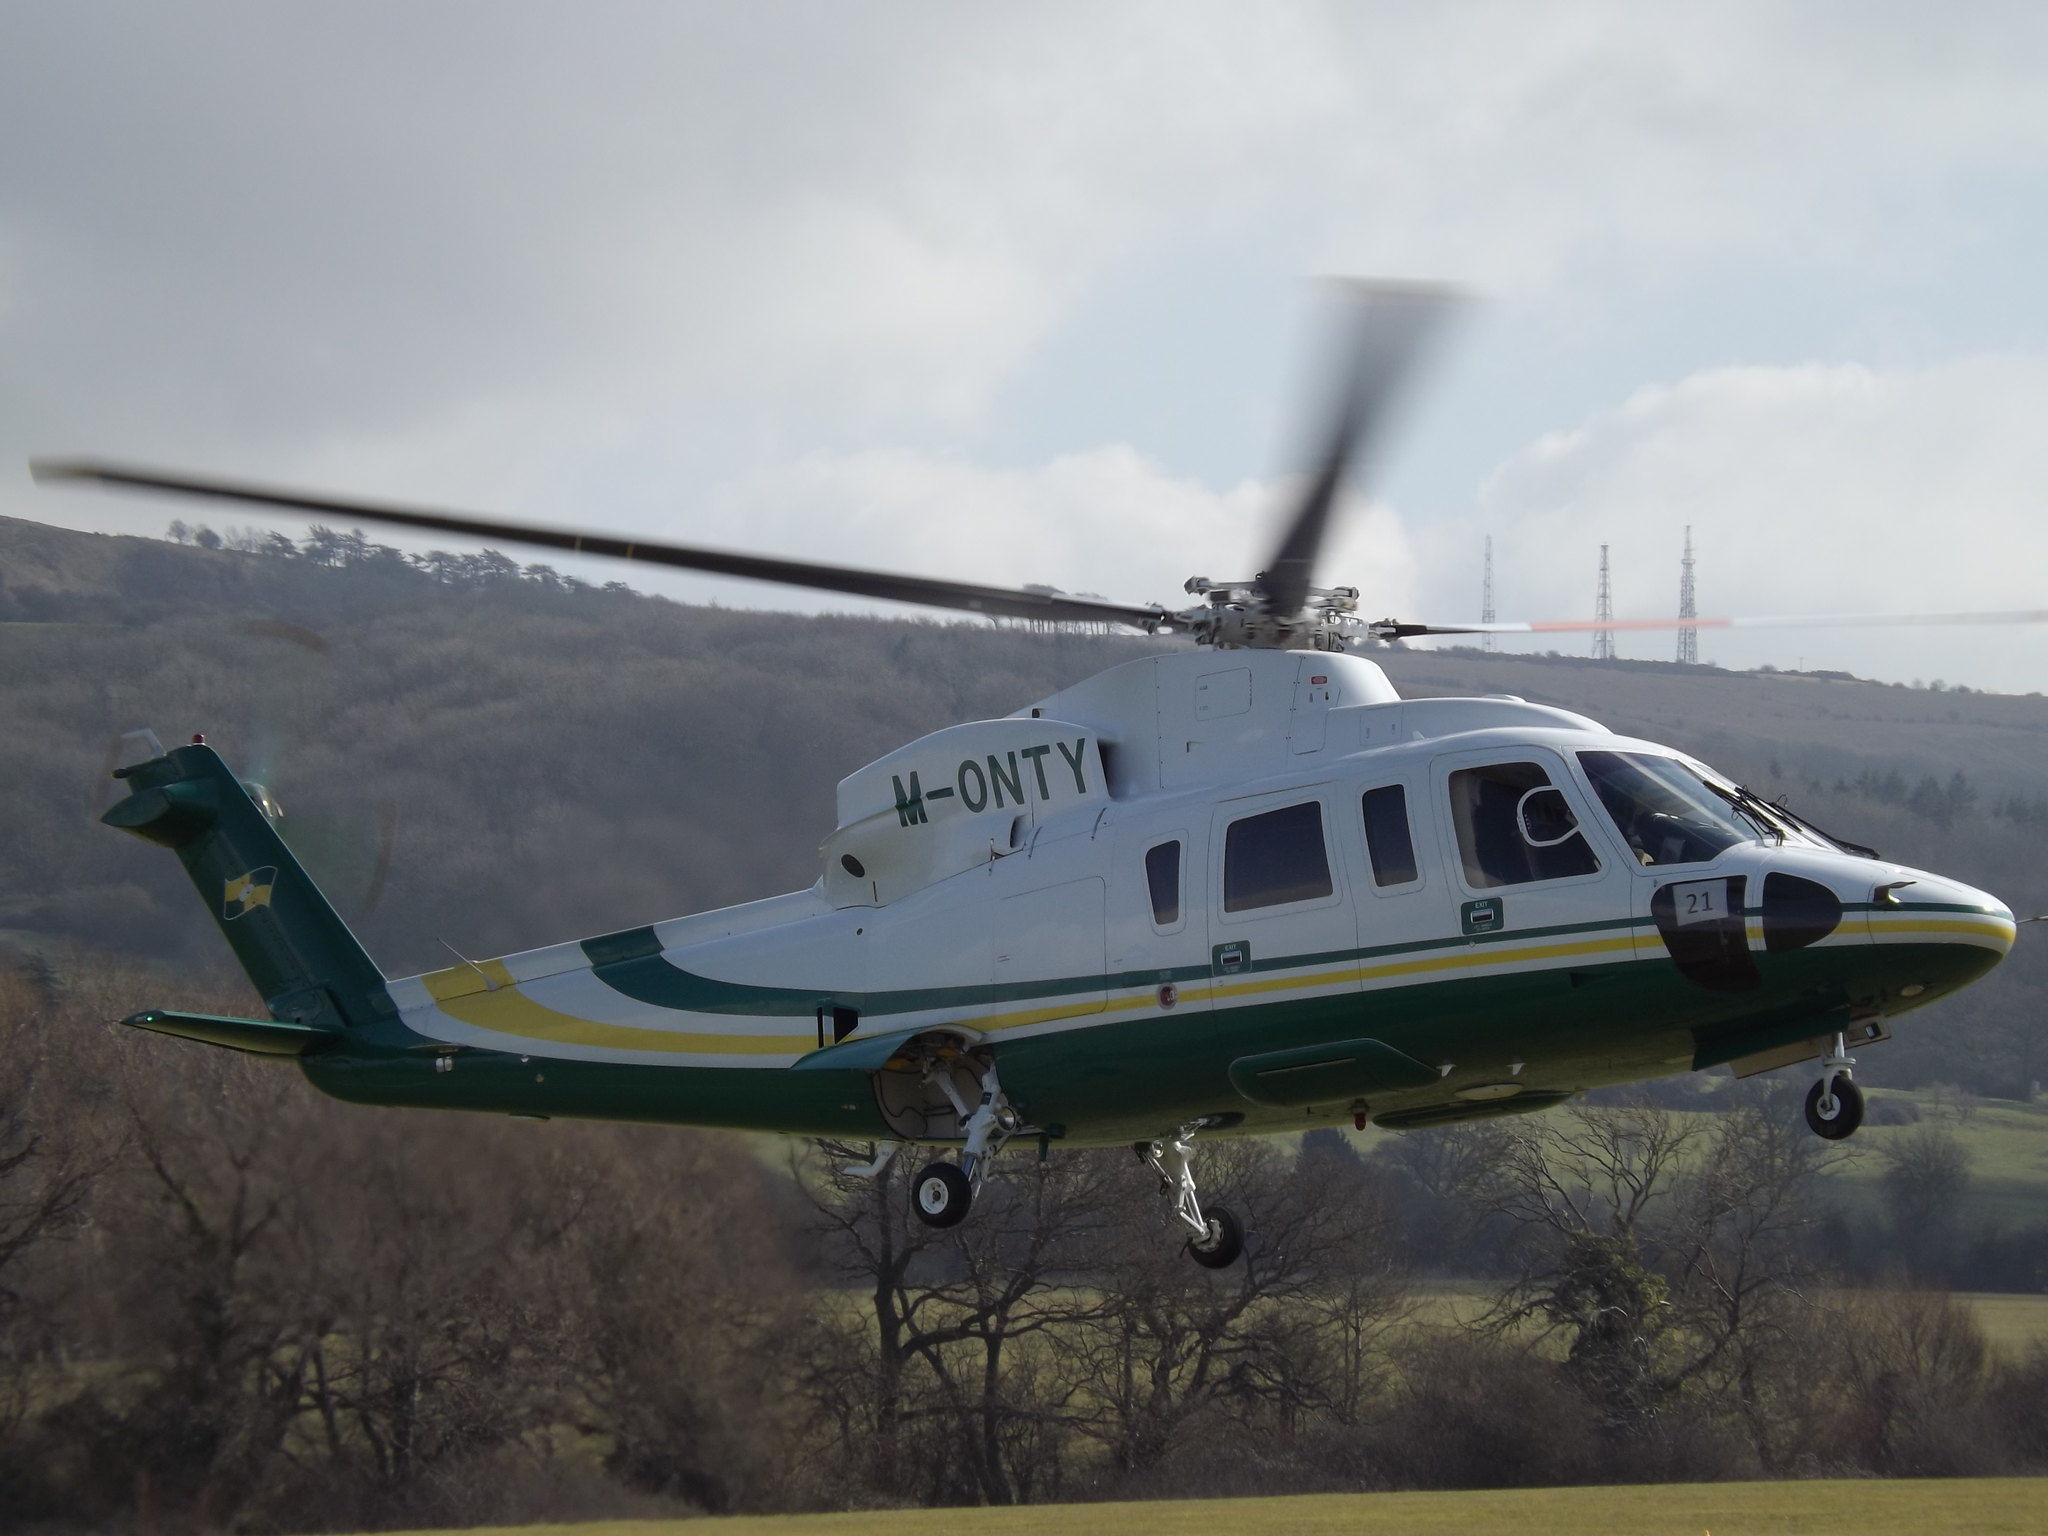 コービー墜落事故ヘリを製造した「シコルスキー」ってどんな会社